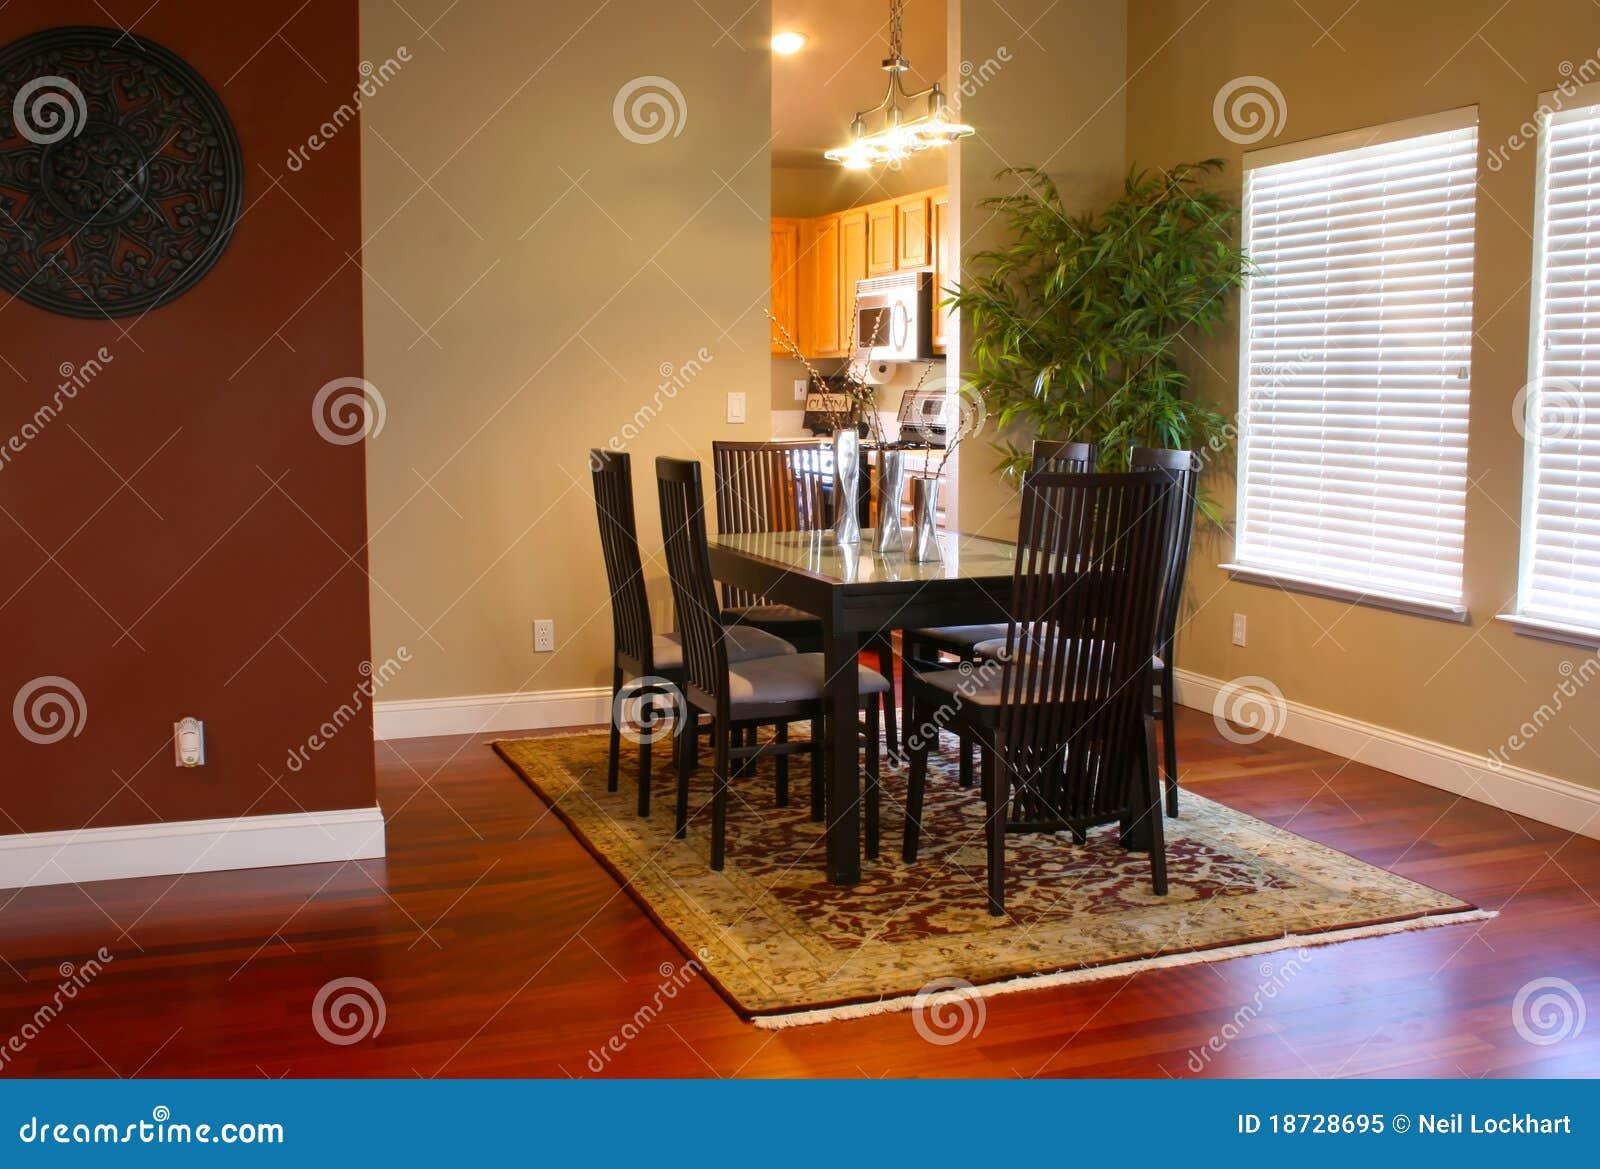 Sala da pranzo moderna immagine stock immagine di pranzare 18728695 - Lampadario sala da pranzo moderna ...